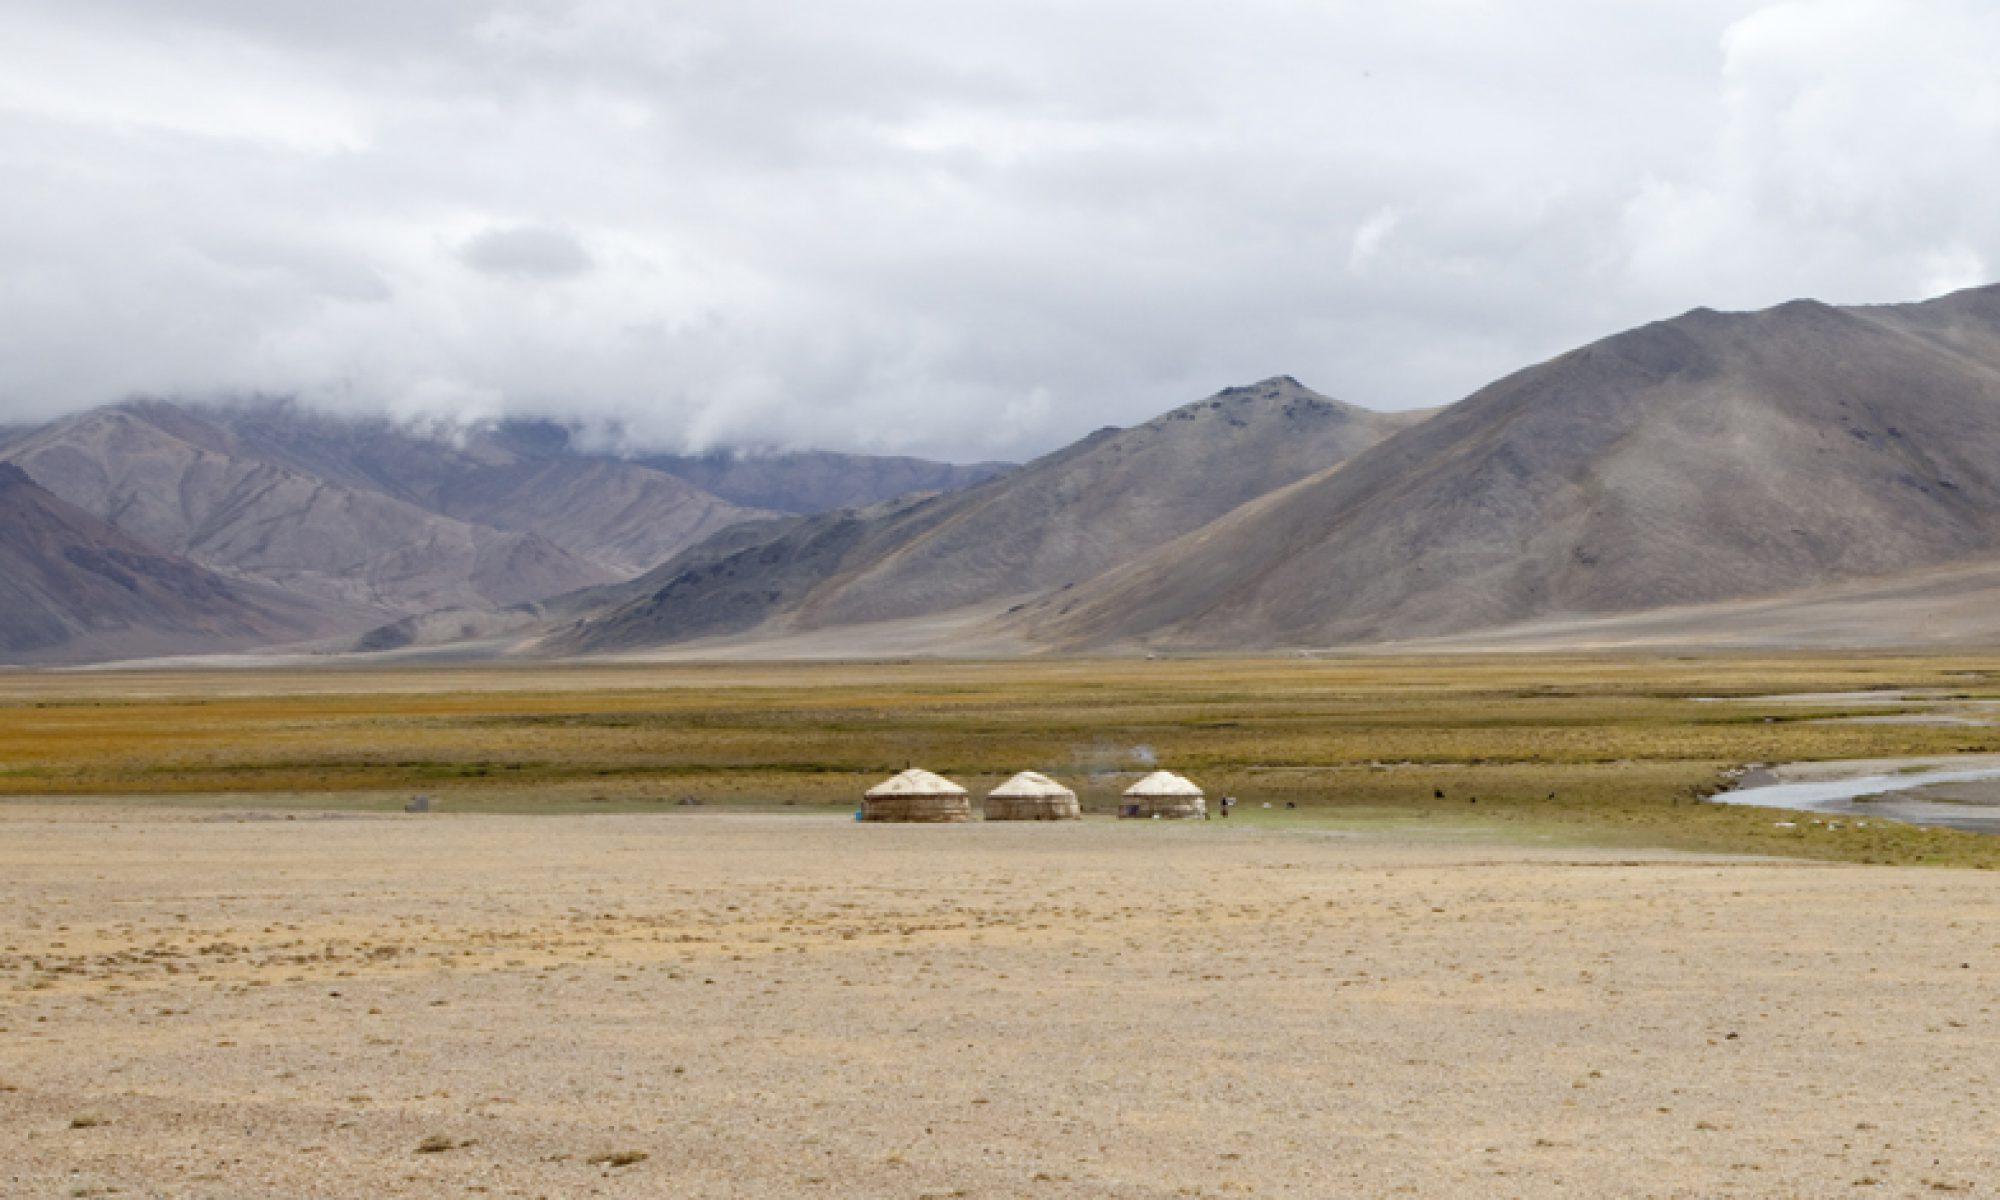 Modern Nomads